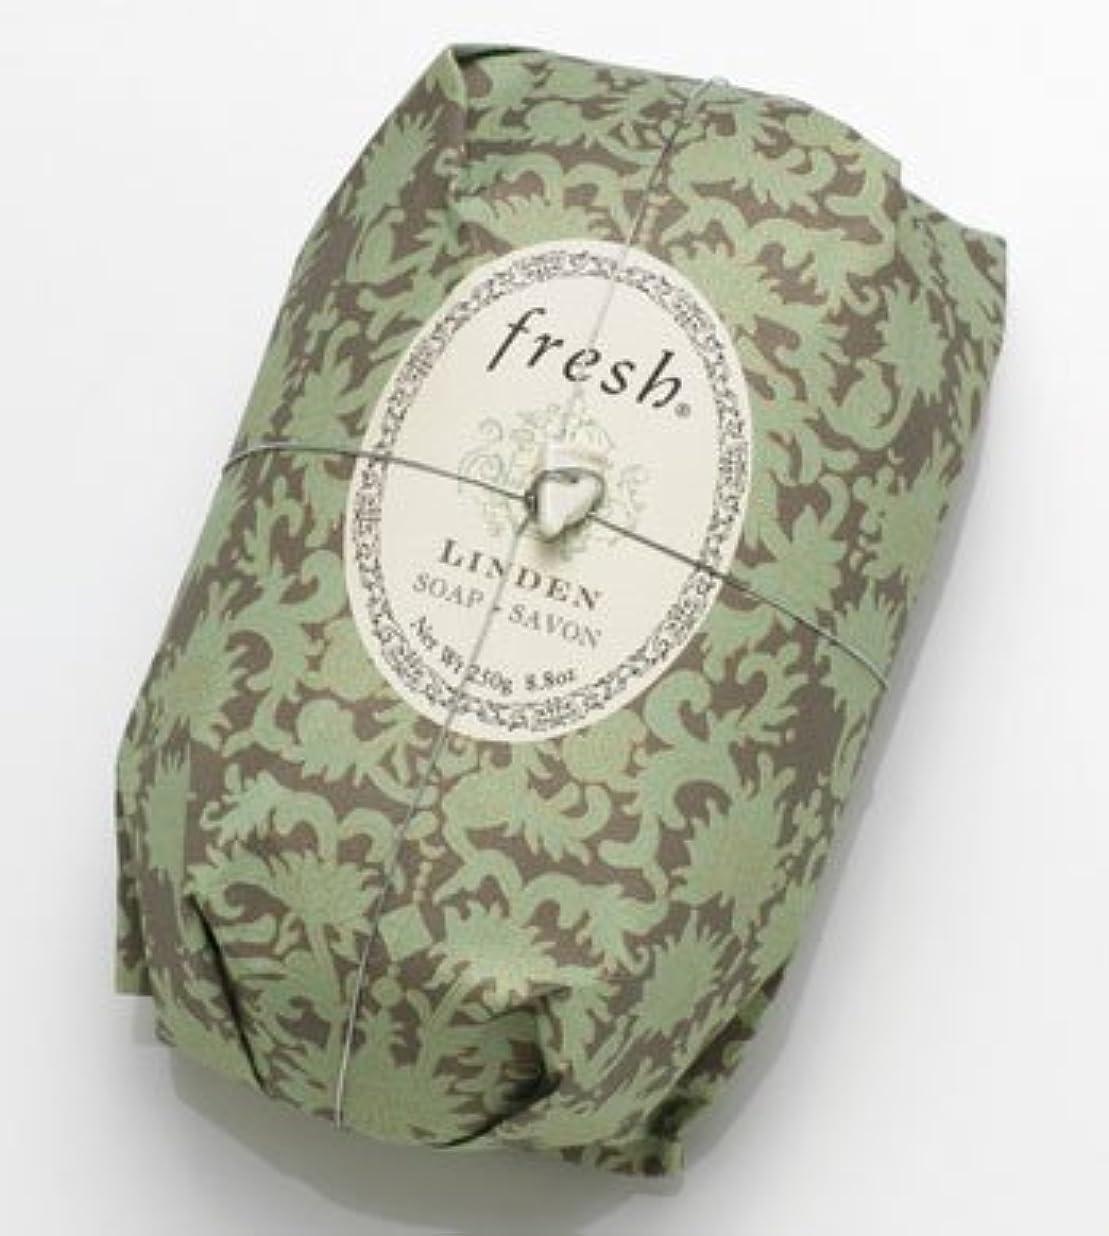 くるみお母さん分析Fresh LINDEN SOAP (フレッシュ リンデン ソープ) 8.8 oz (250g) Soap (石鹸) by Fresh